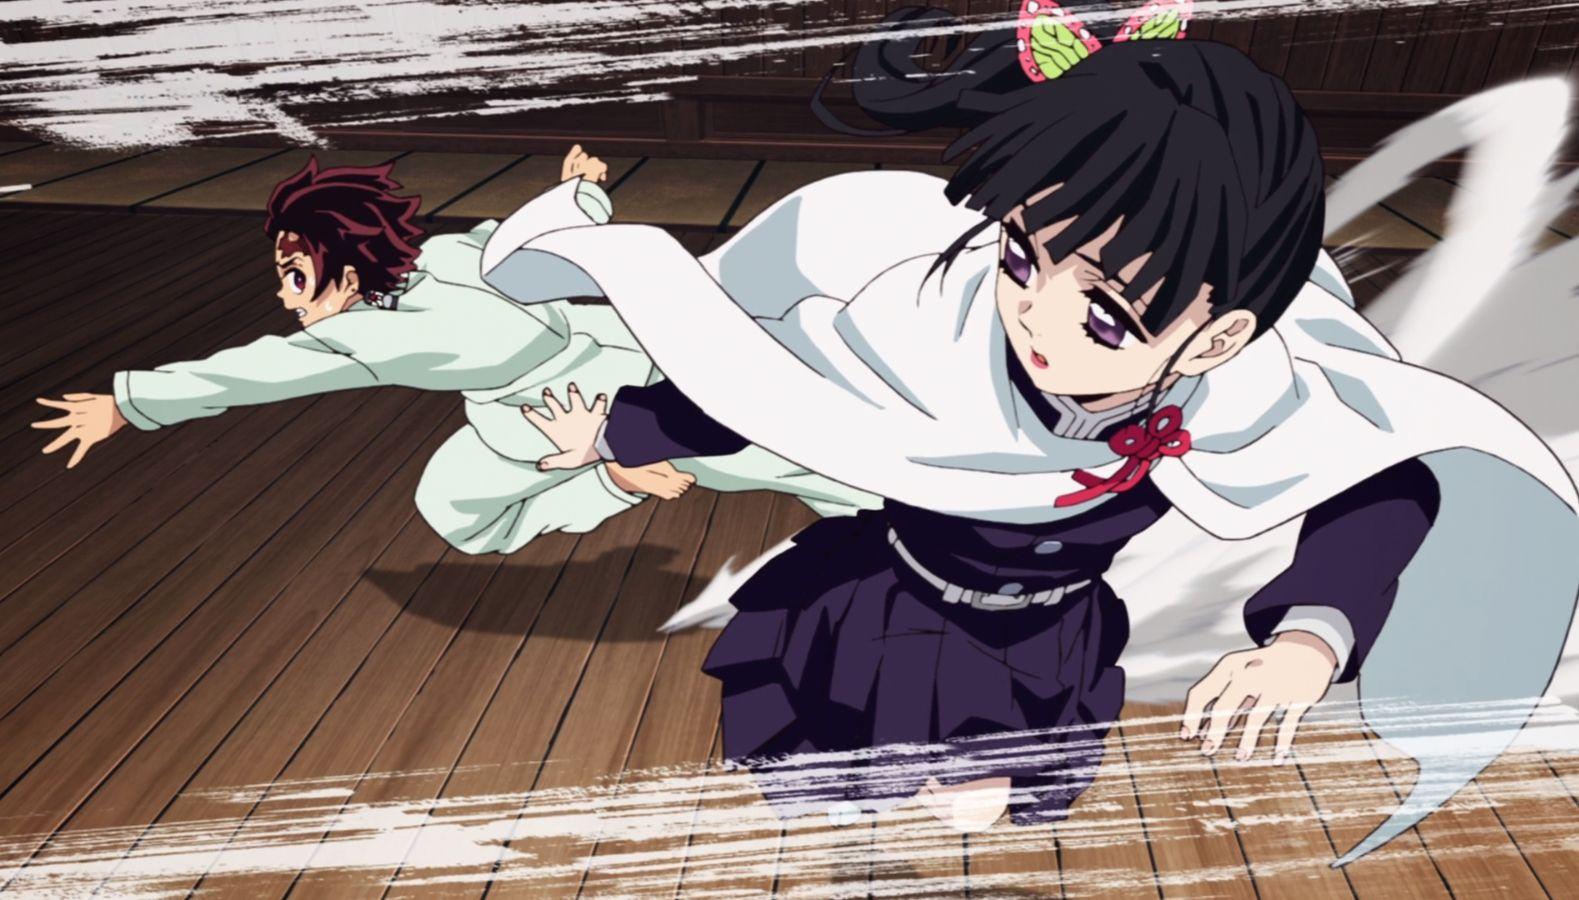 Review of Demon Slayer Kimetsu no Yaiba Episode 25